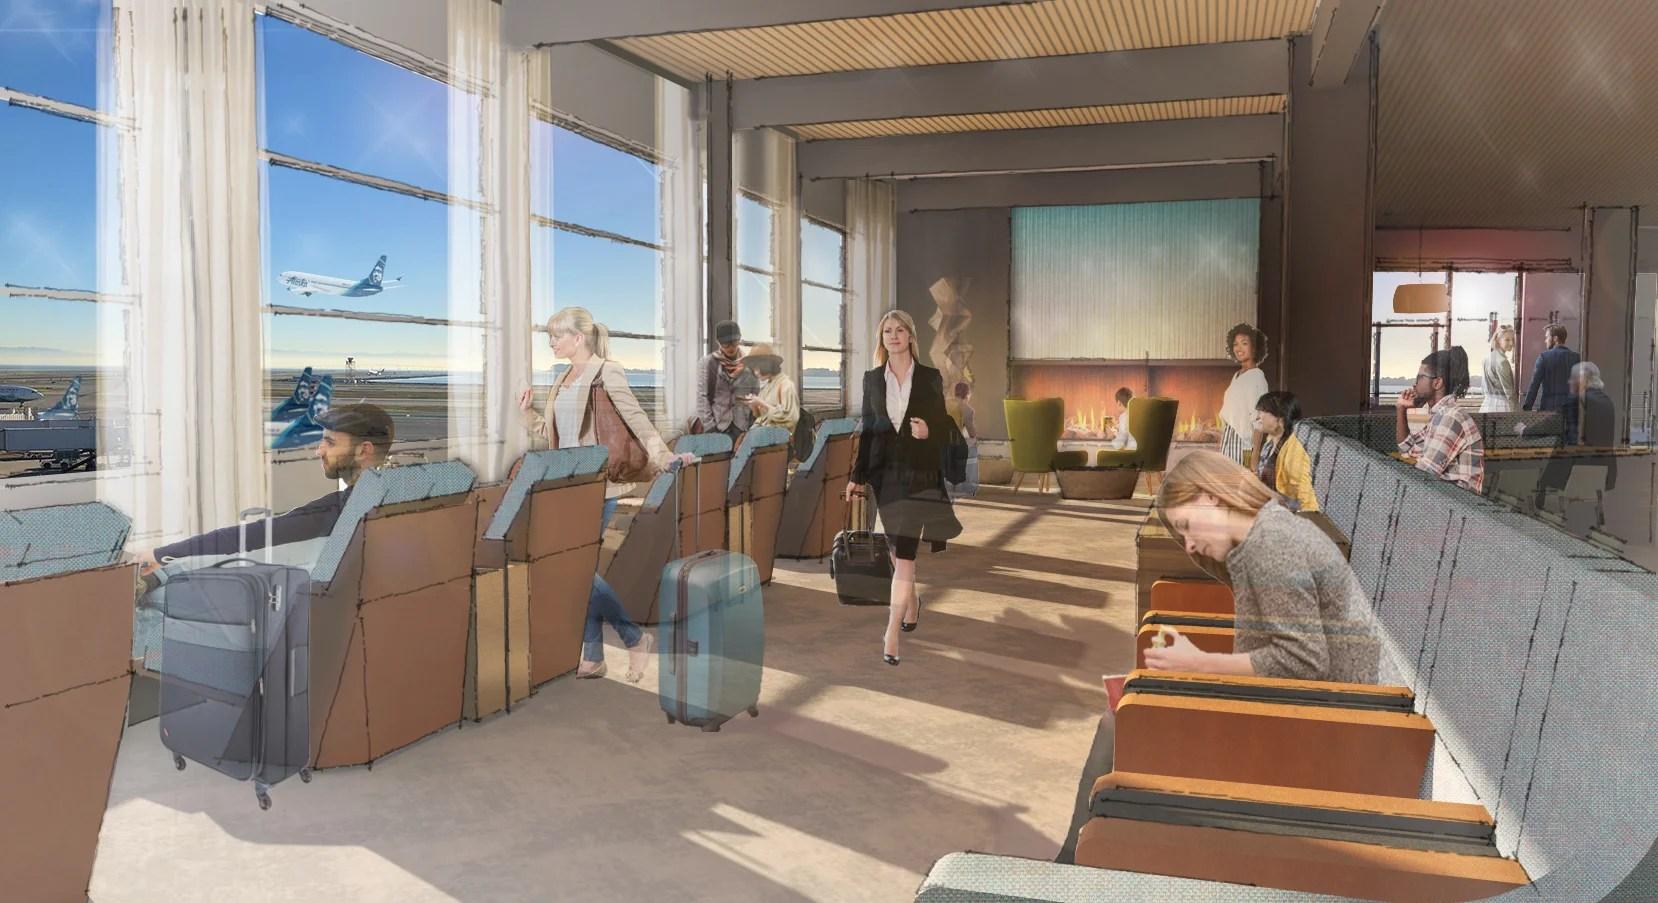 Alaska Airlines to Open 'Top Floor' San Francisco Lounge